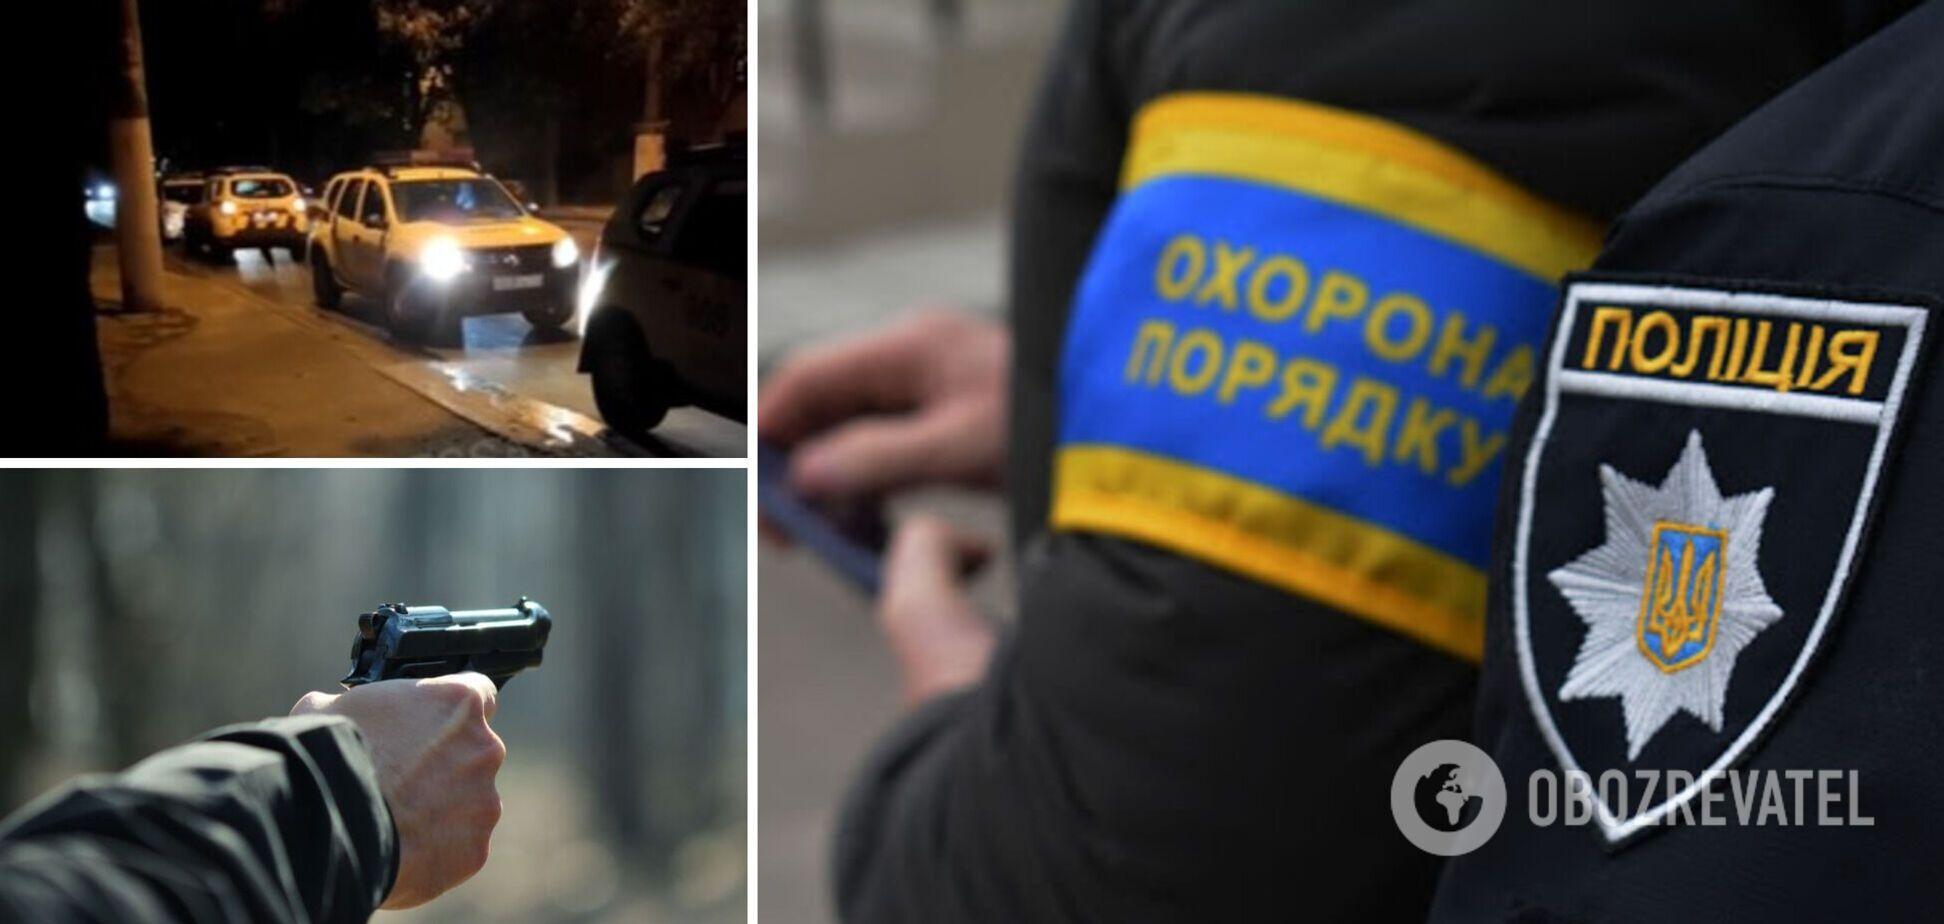 В Одессе нетрезвый мужчина размахивал пистолетом и предлагал копам 'выстрелить ему в голову'. Видео